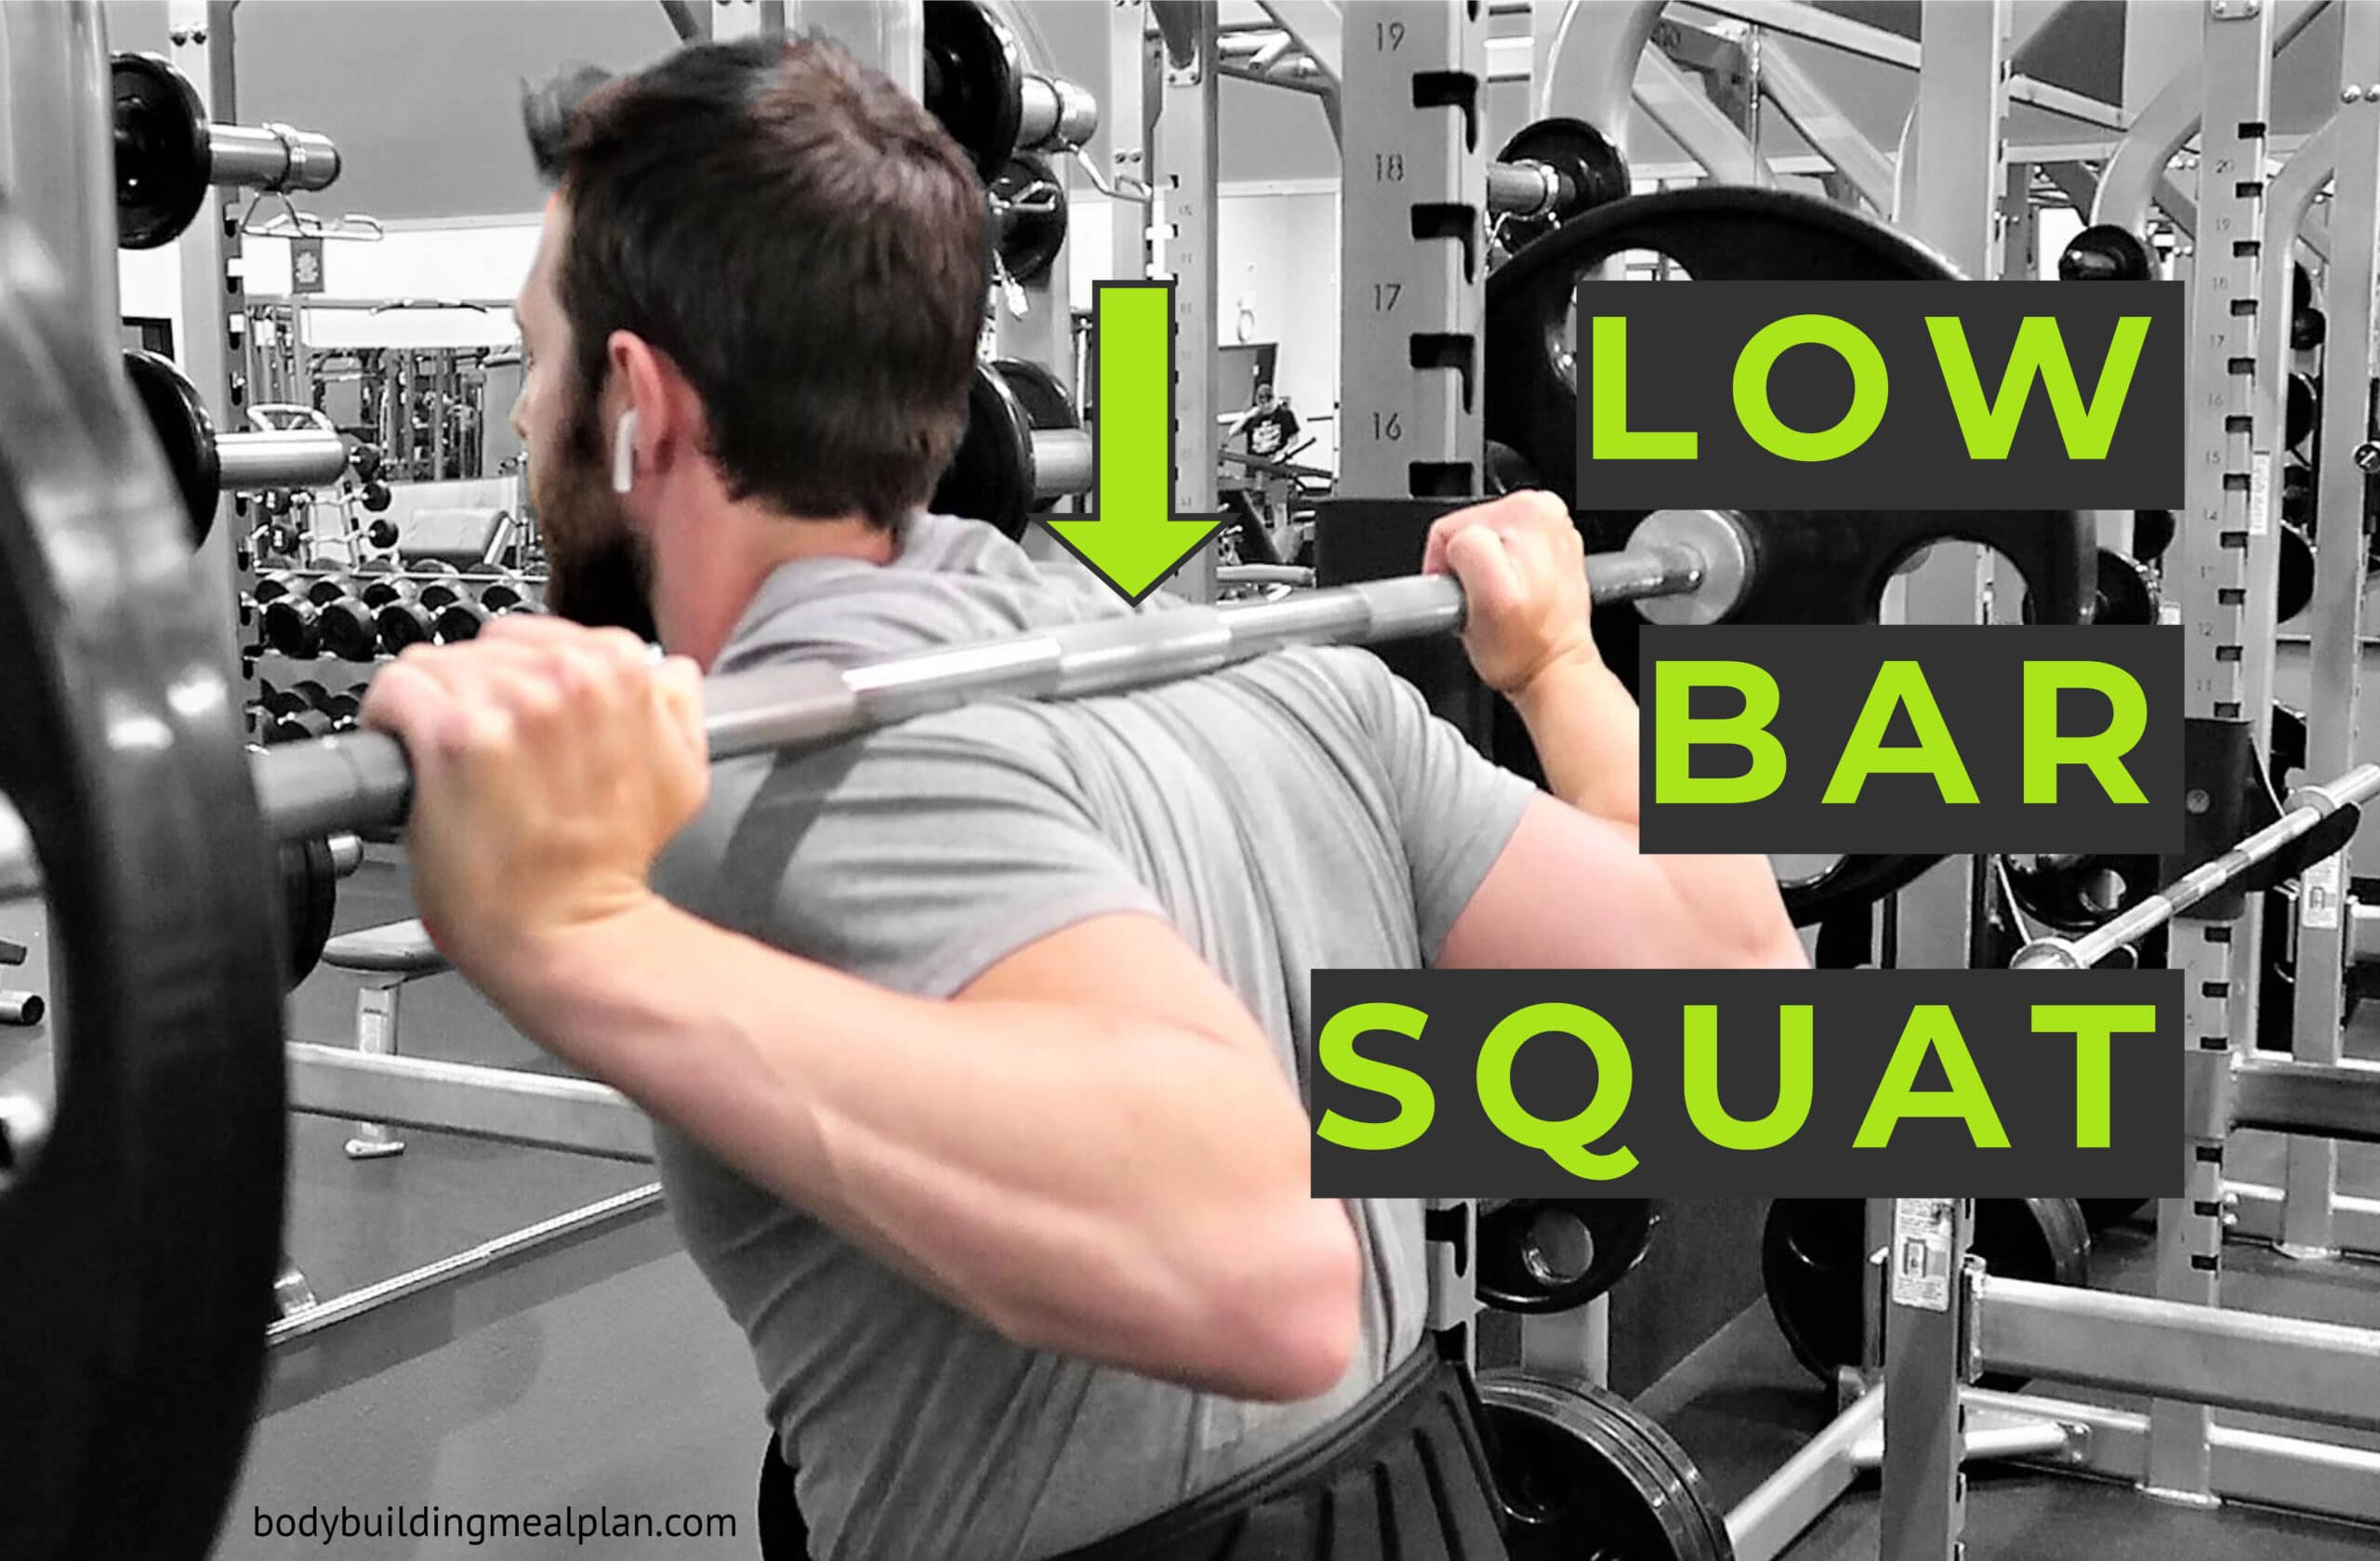 Low Bar Squat